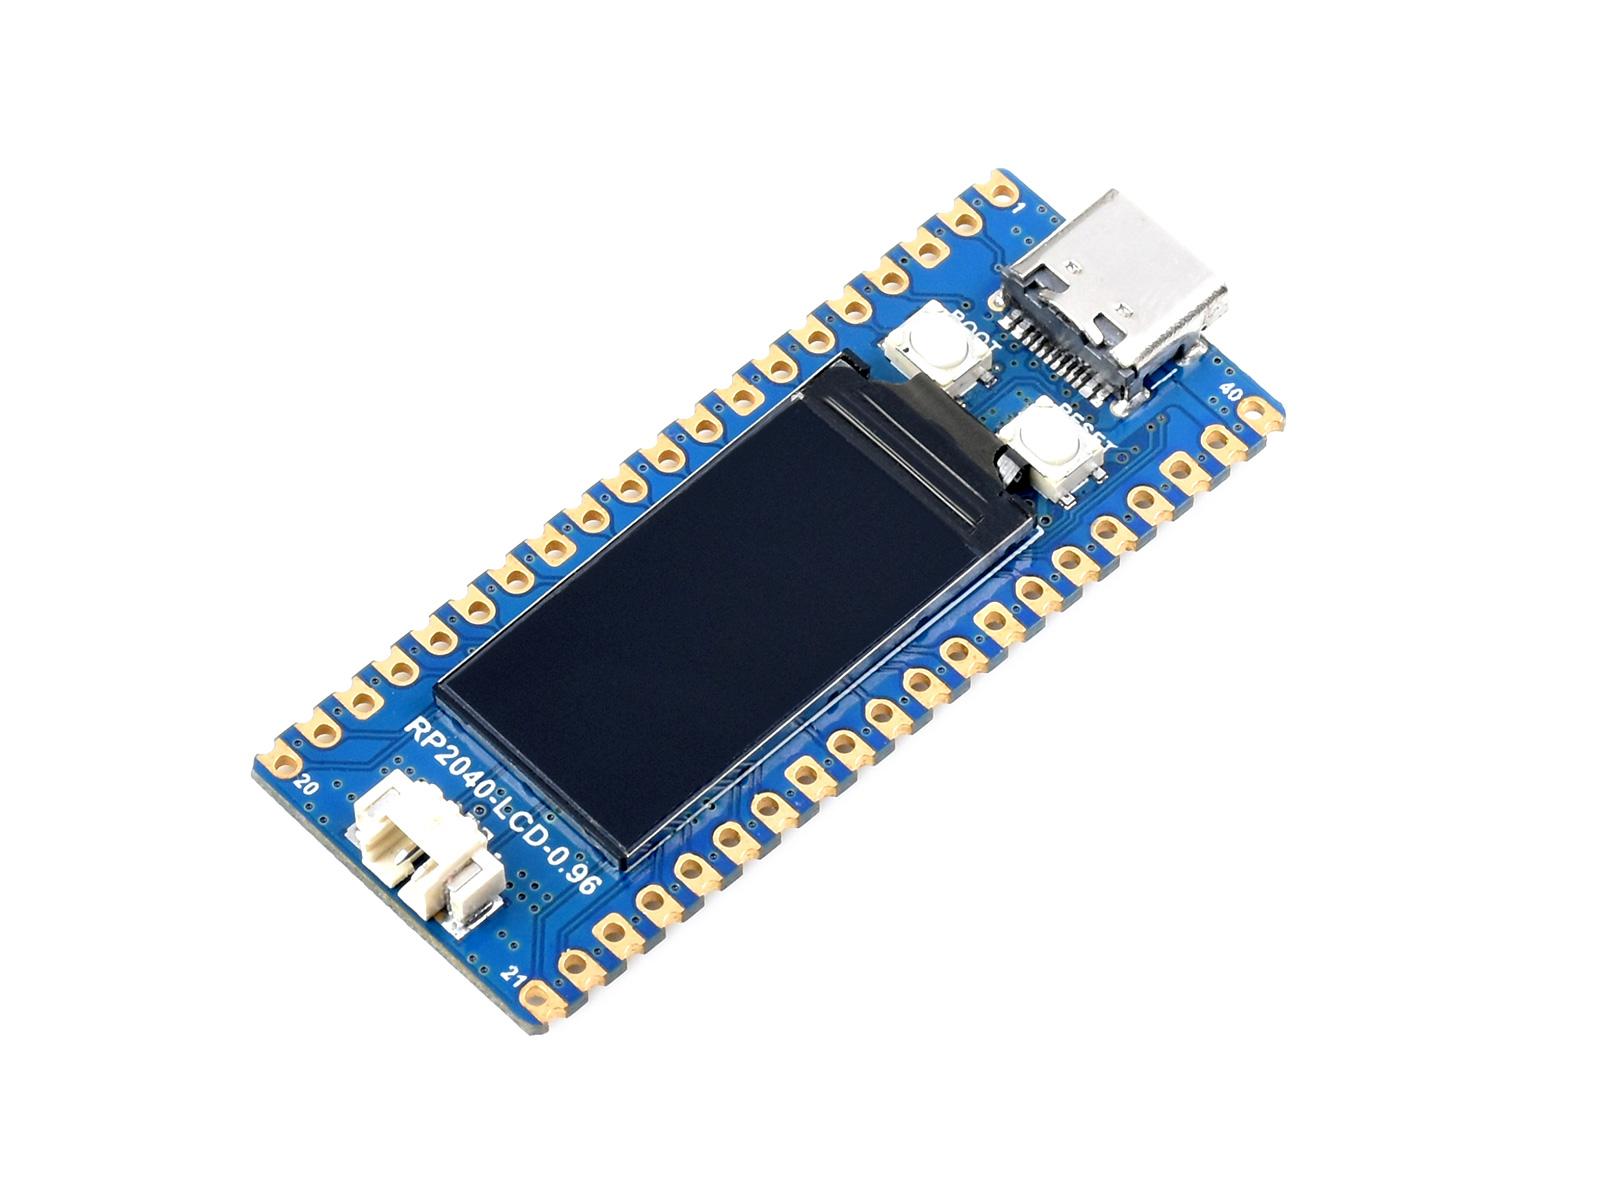 RP2040 微控制器开发板 基于树莓派官方RP2040双核处理器